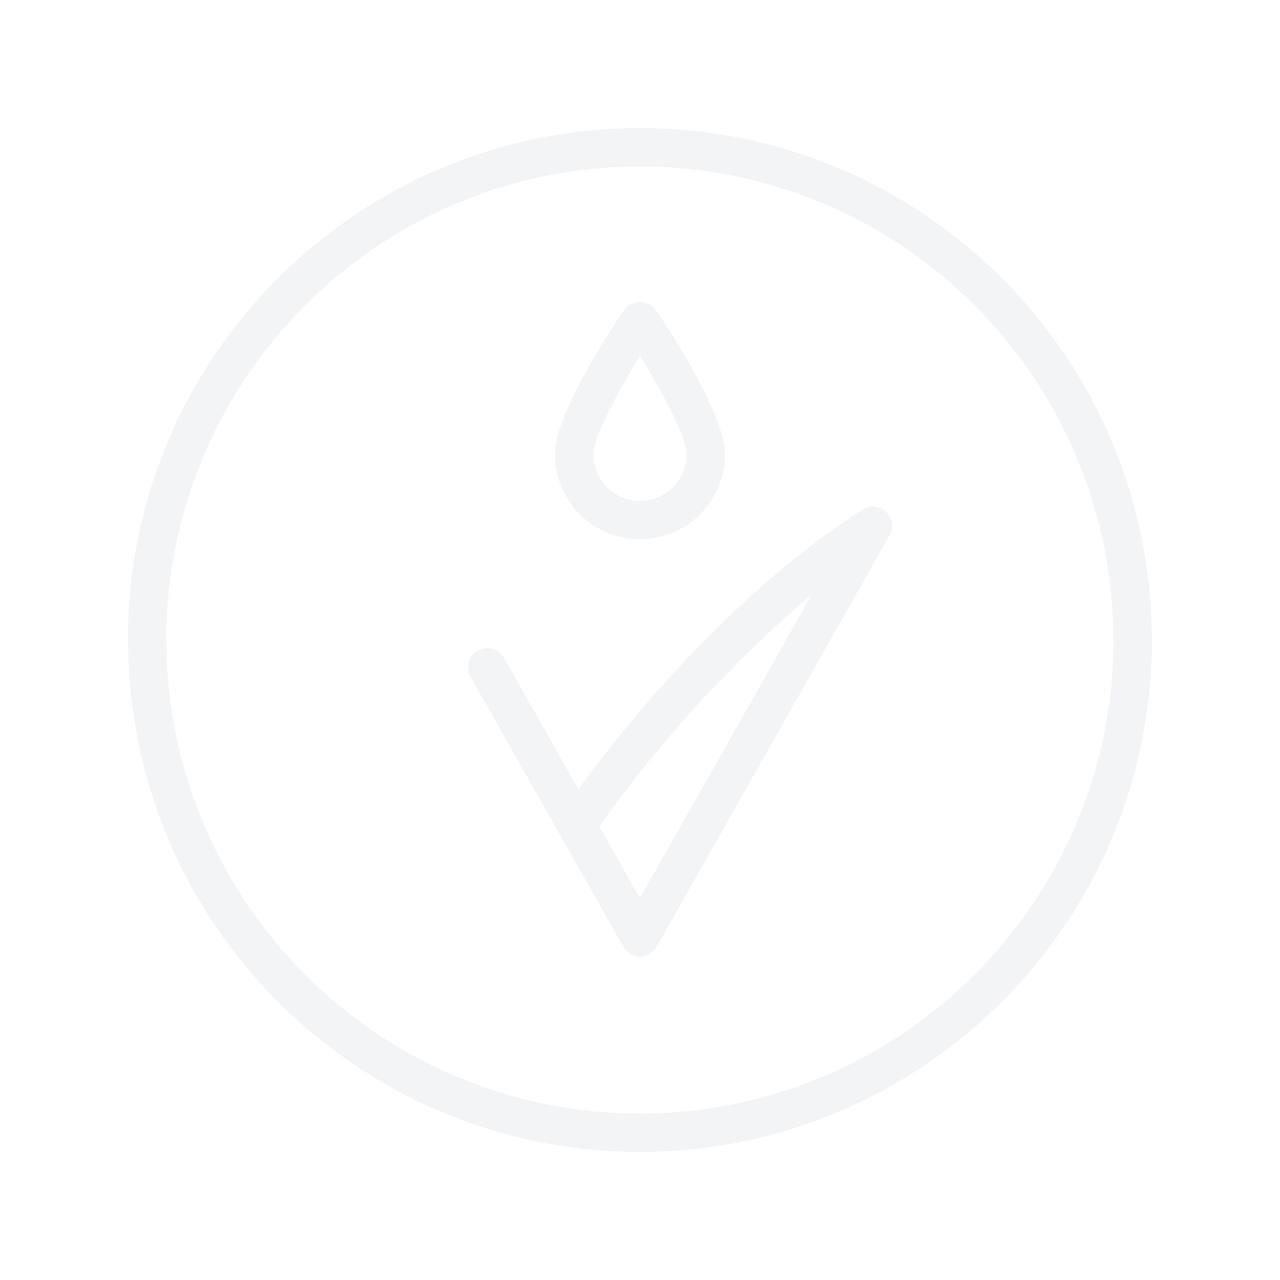 L'Oreal False Lash Architect 4D Mascara Black 10.5ml